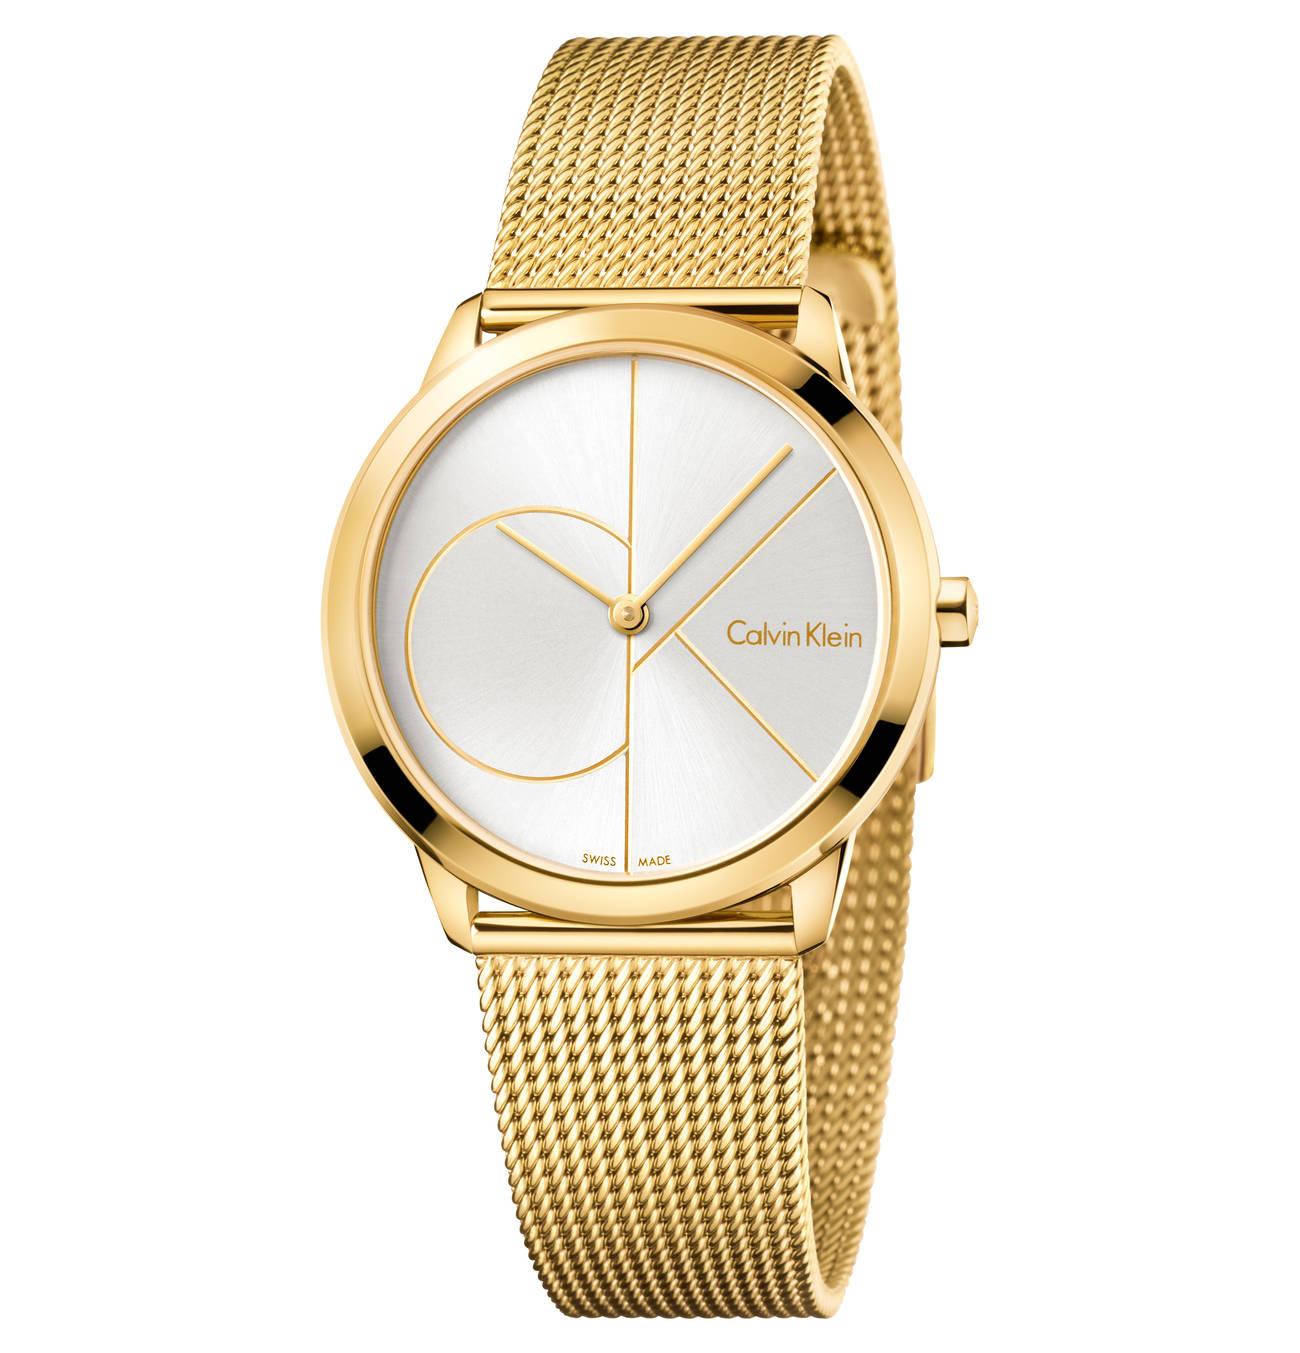 Uhr Damen Calvin Klein Minimal Uhr Calvin Klein lJ5FTcu1K3